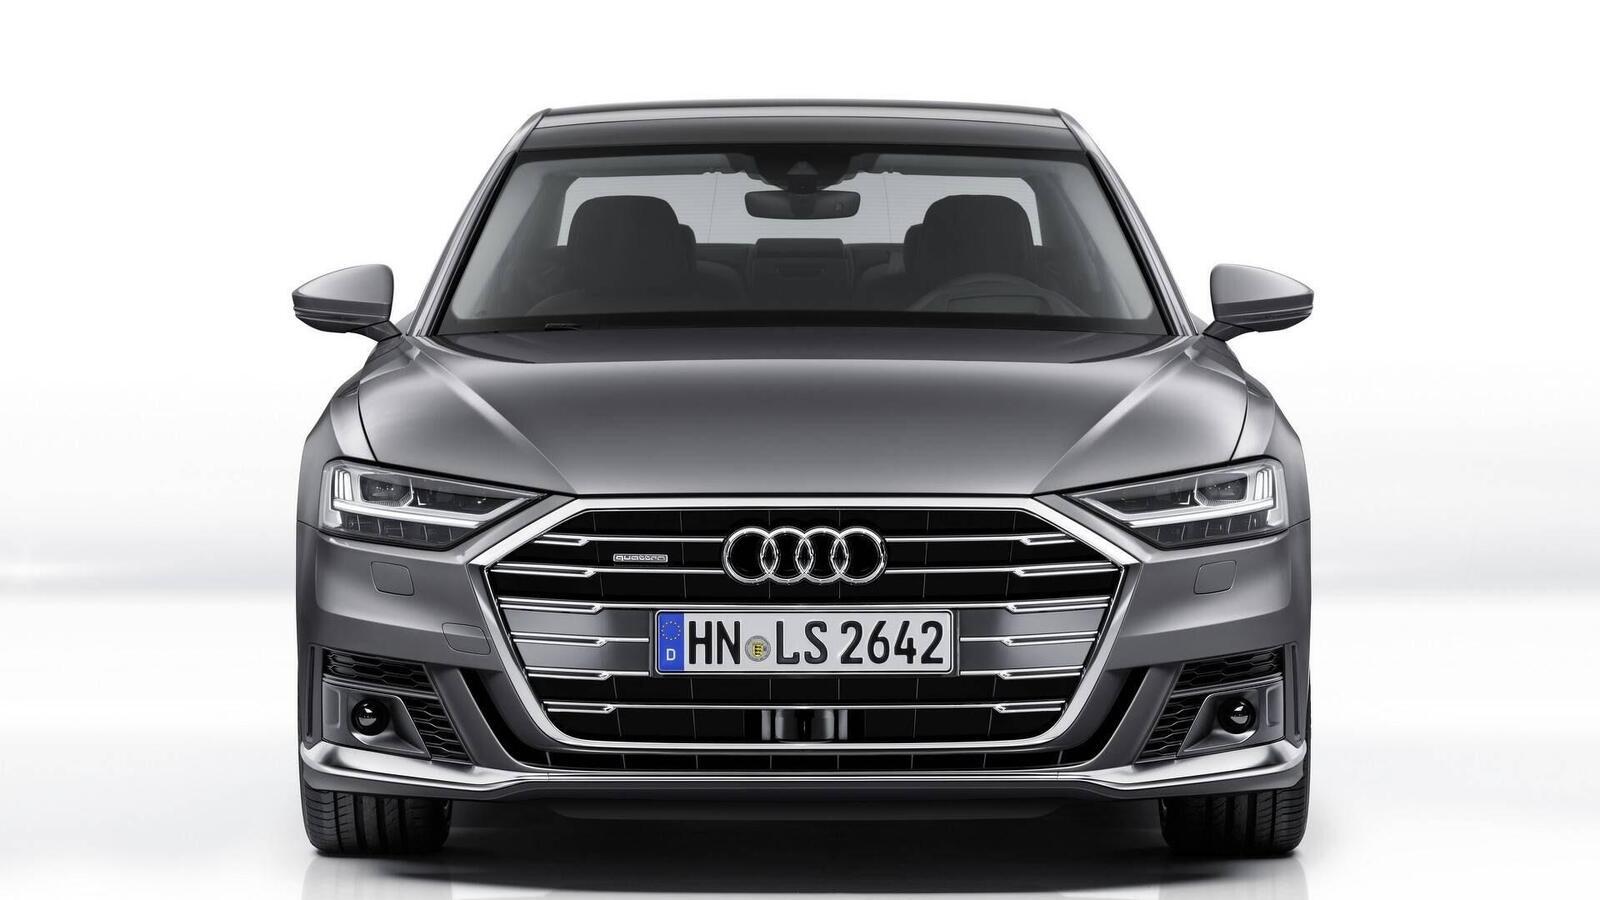 Audi thêm một số trang bị cho A8 2018 - Hình 4